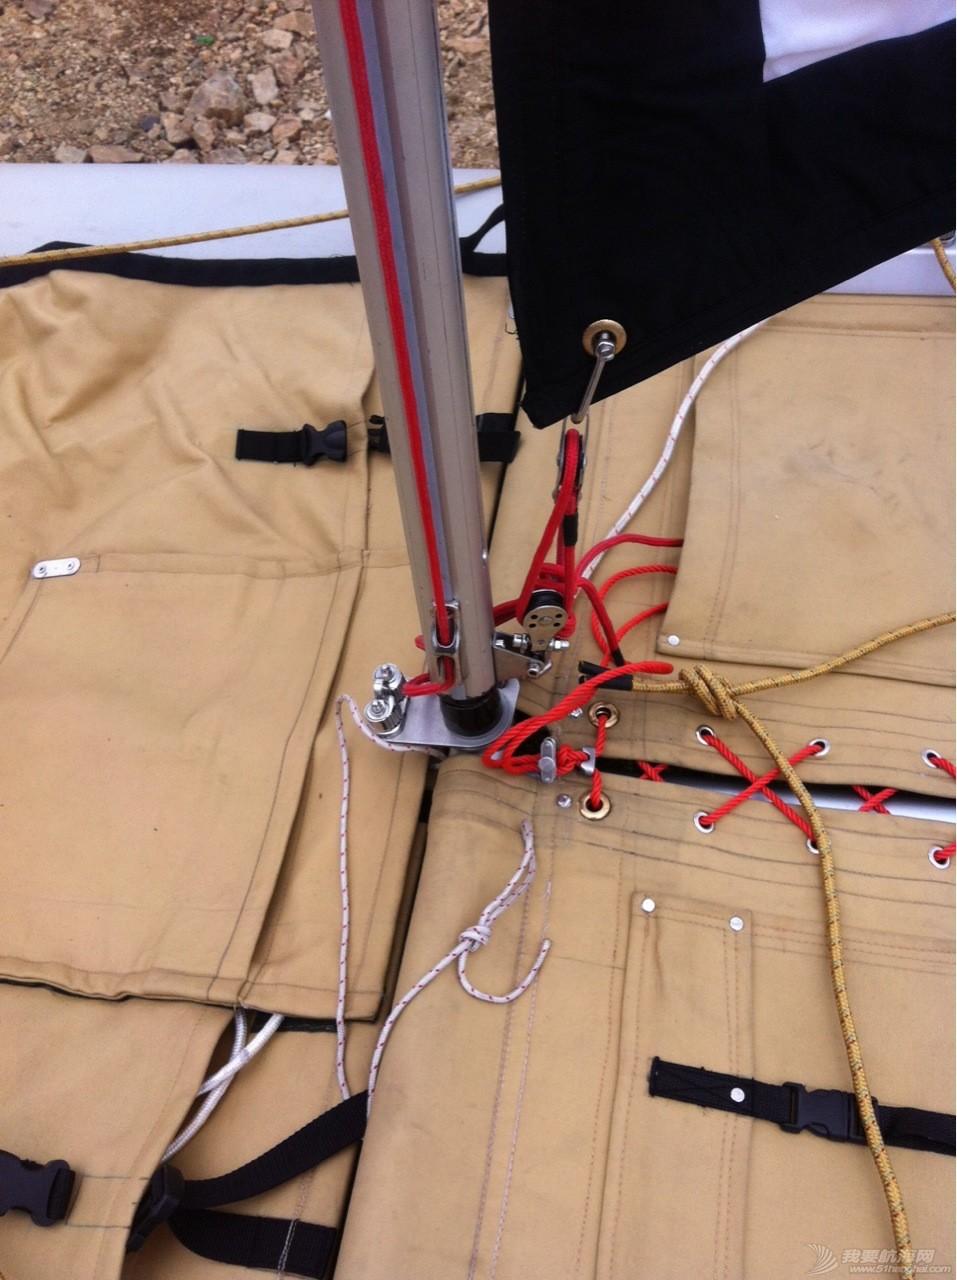 钢丝绳,热那亚,帆船,把手,空间 在家造帆船(下篇) 新增加的夹绳器和前储物口袋,使用锚时中间可打开